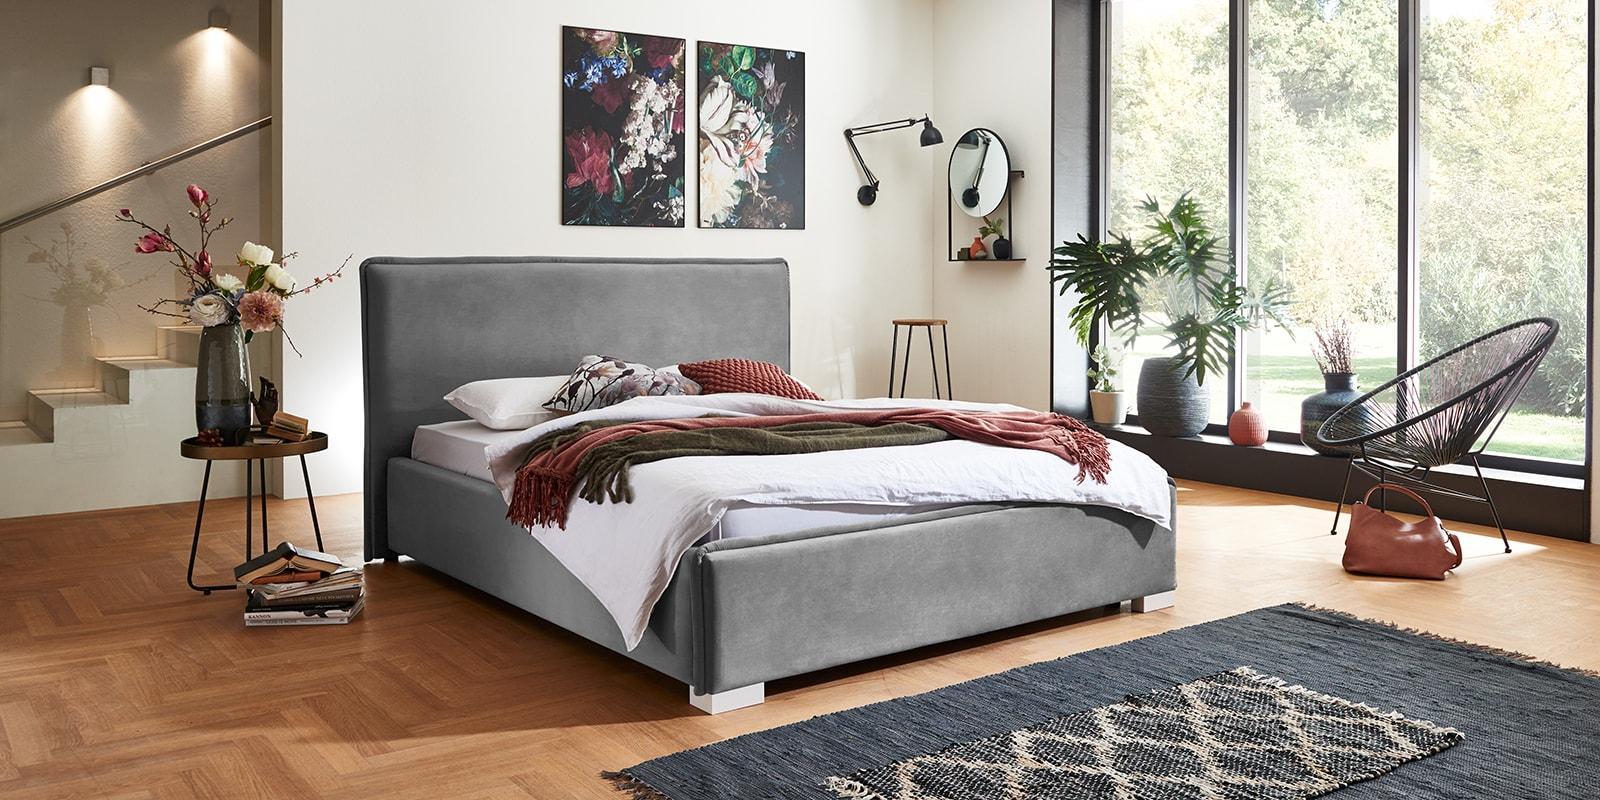 Moebella24 - Bett - mit - Bettkasten - Sofia - Samt - Grau - Stauraum - Kopfteil - Von - vorne - links